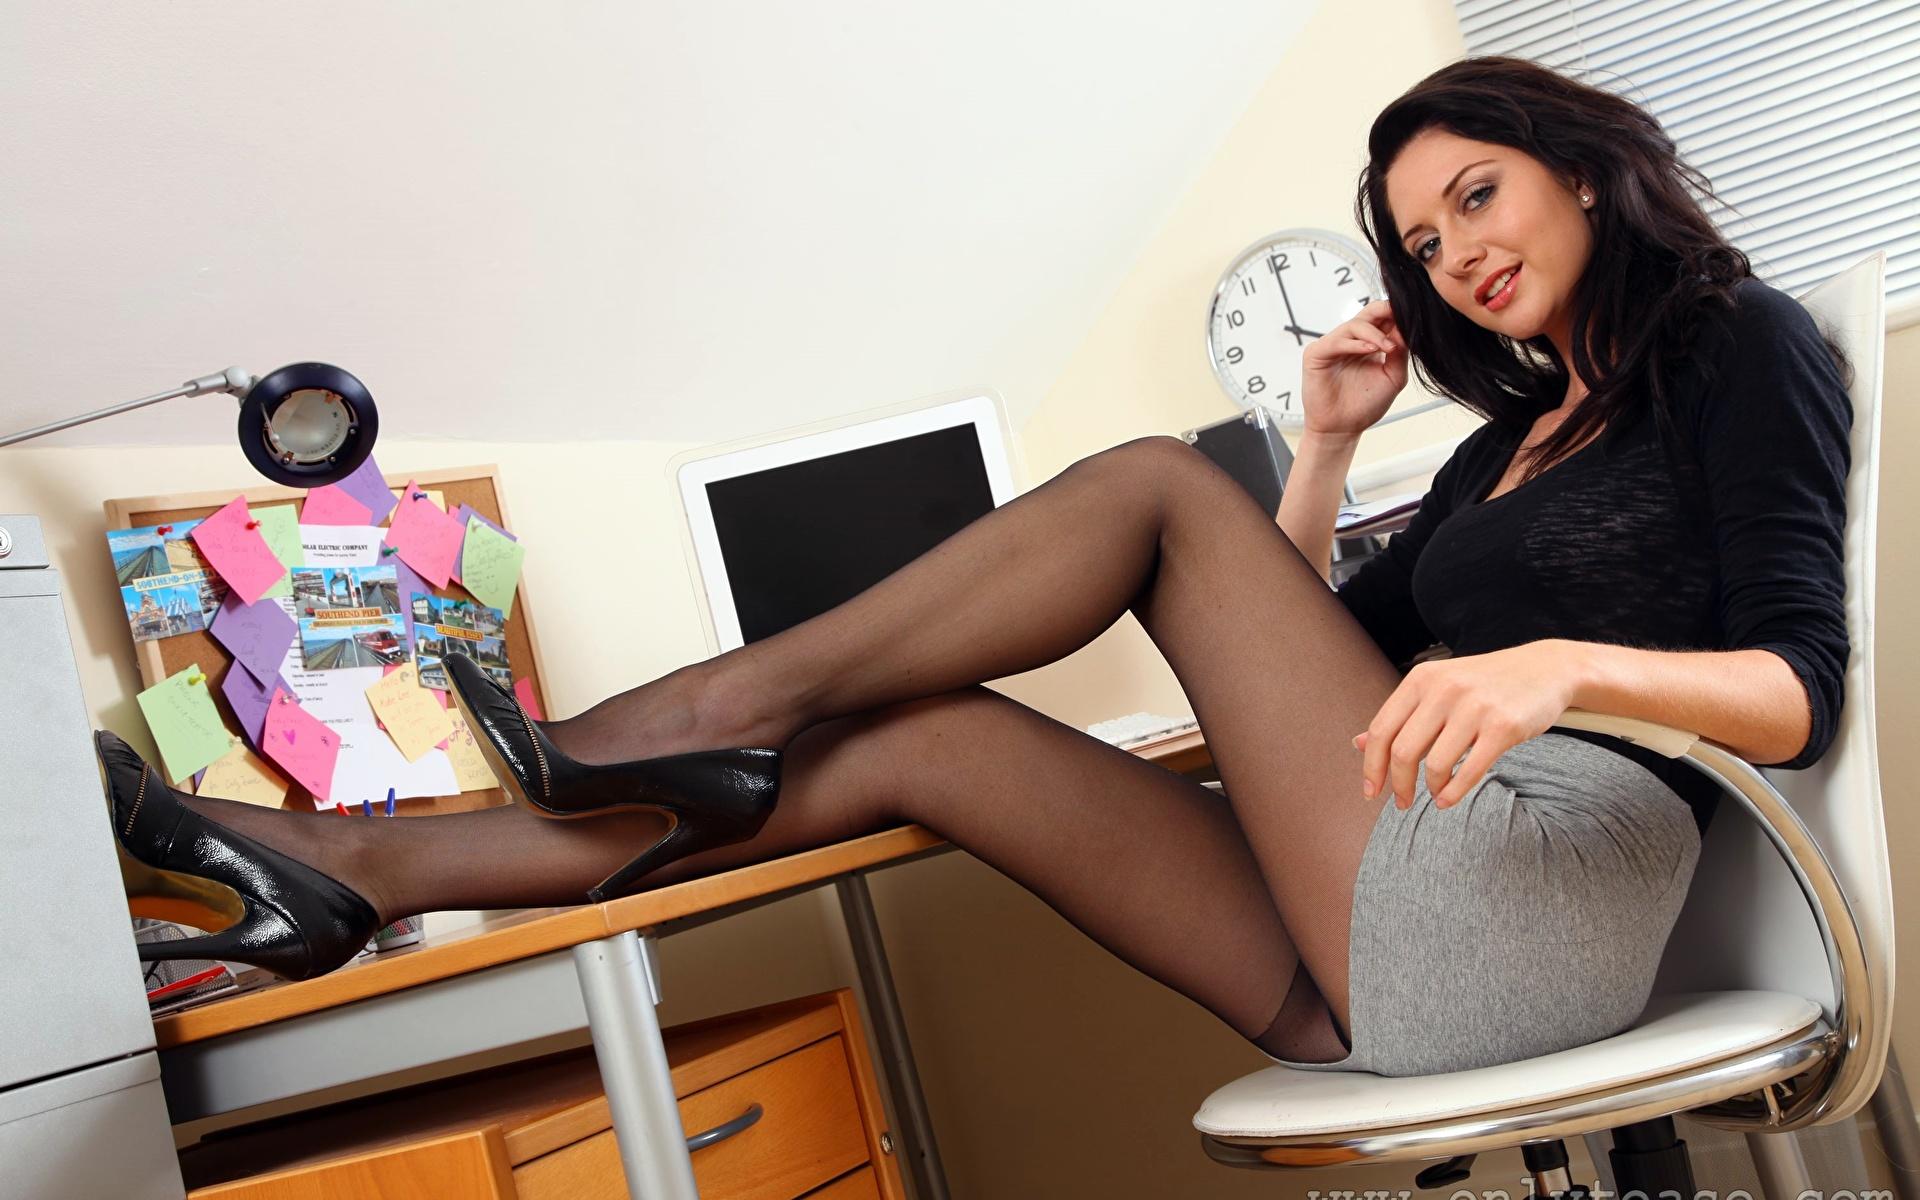 Офисные голые телки фото какое